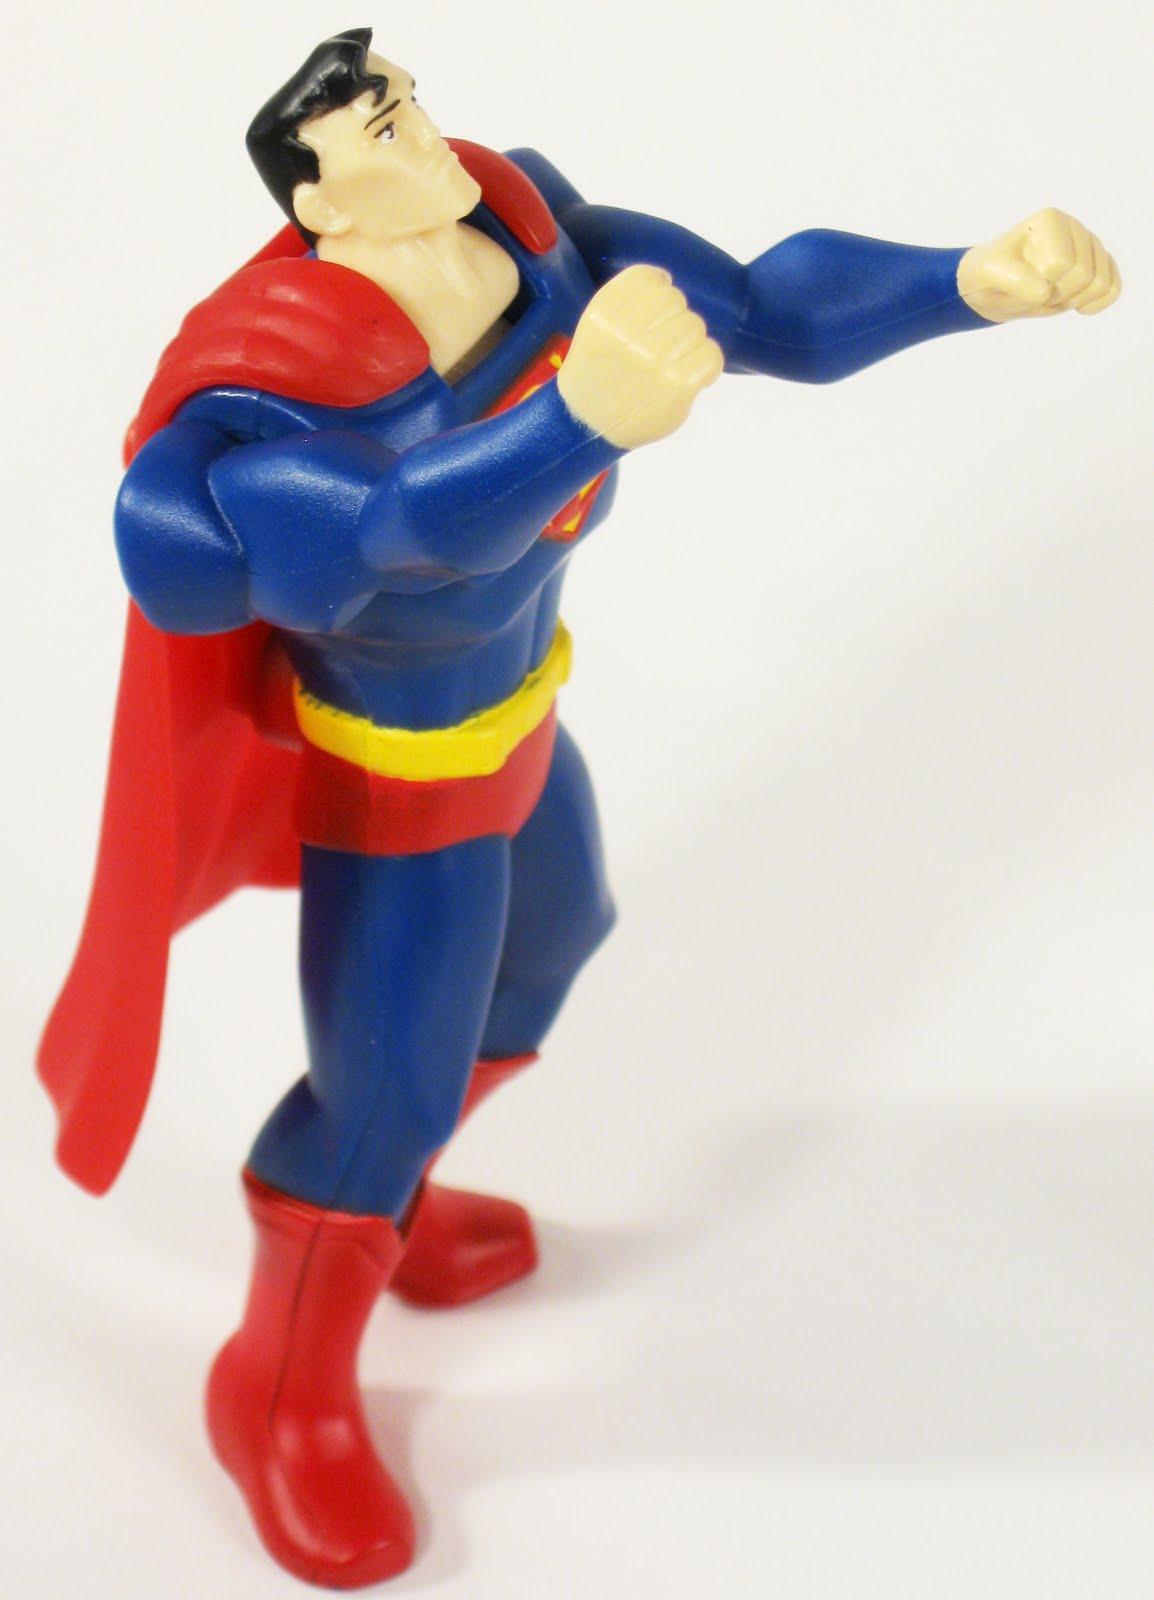 http://4.bp.blogspot.com/-ndo4UMVXdKY/TgdhIJ4ZQQI/AAAAAAAACBY/U9rHuh6n8Ko/s1600/McDonald%2527s+2011+Young+Justice+%25234+Superman+23.JPG